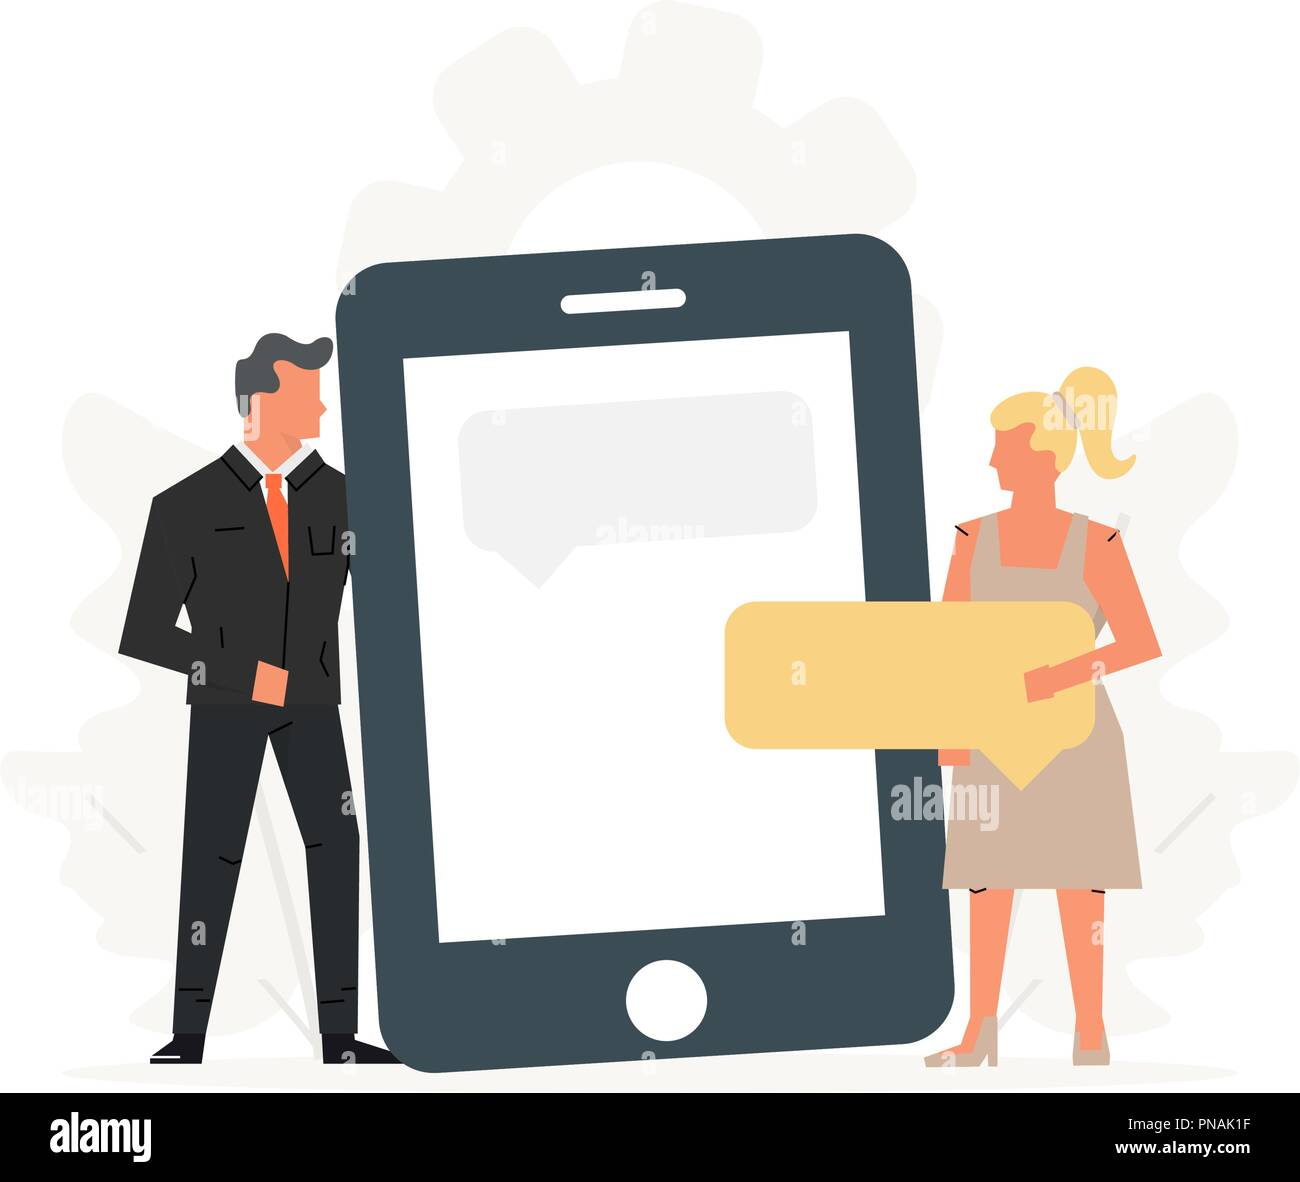 Les gens ont un grand téléphone. Concept de réunion d'affaires, relations virtuelles, datant en ligne, réseaux sociaux et mobiles de chat. Illustration de Vecteur